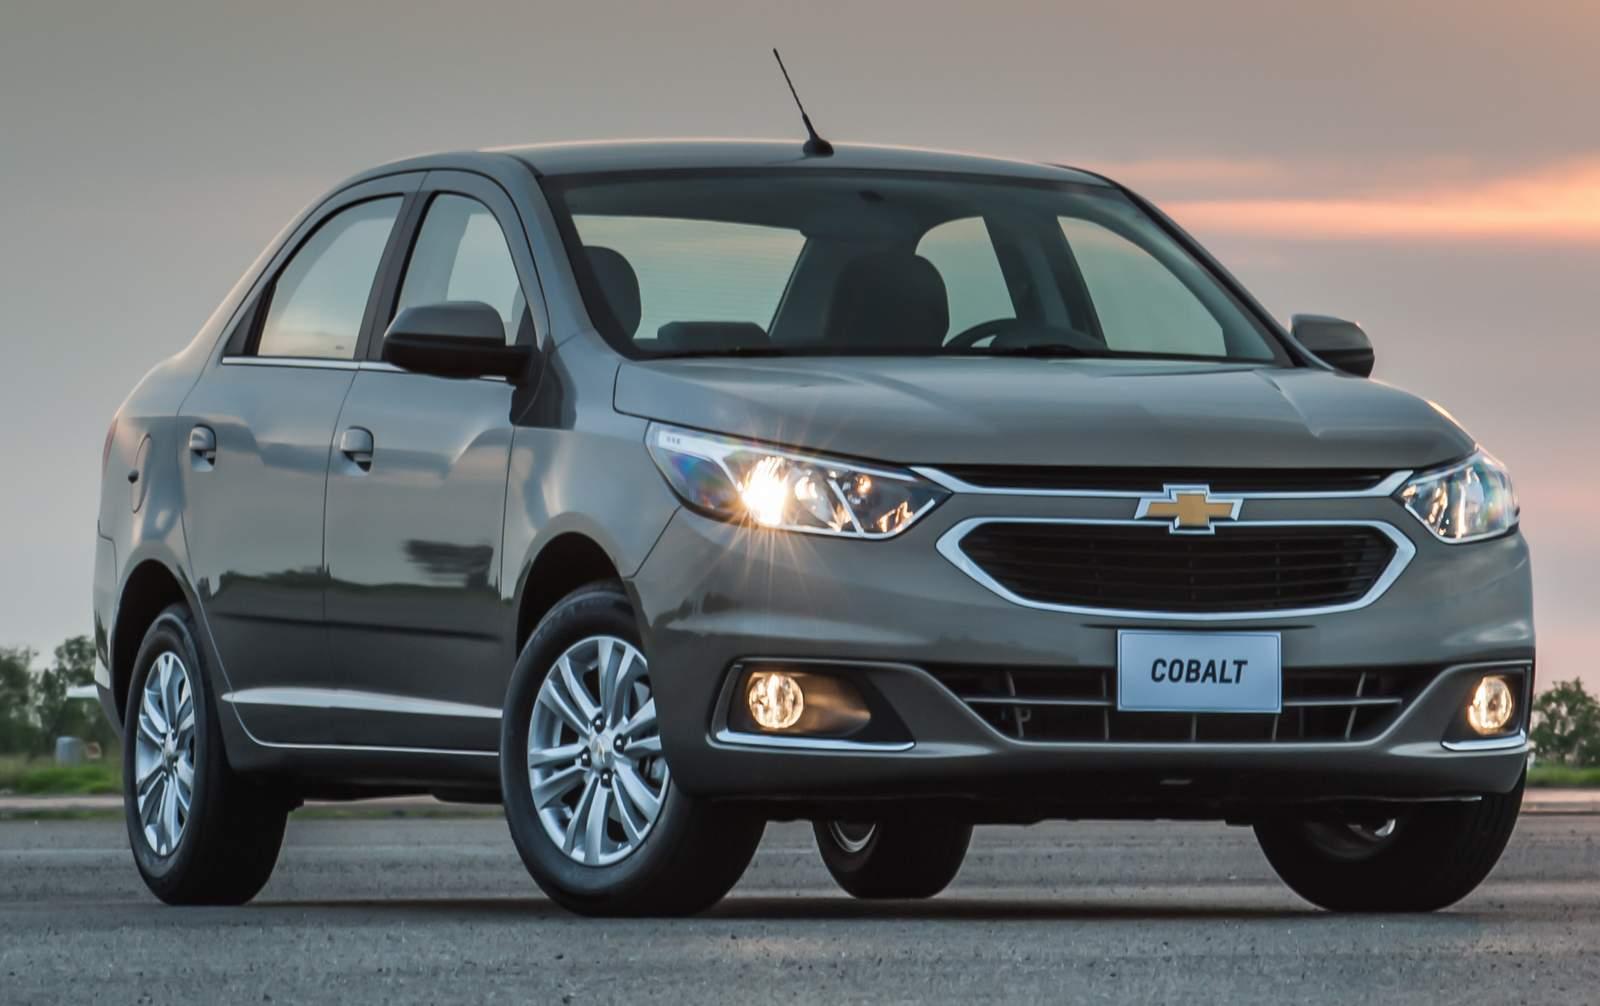 Novo-Chevrolet-Cobalt-2016 (16)